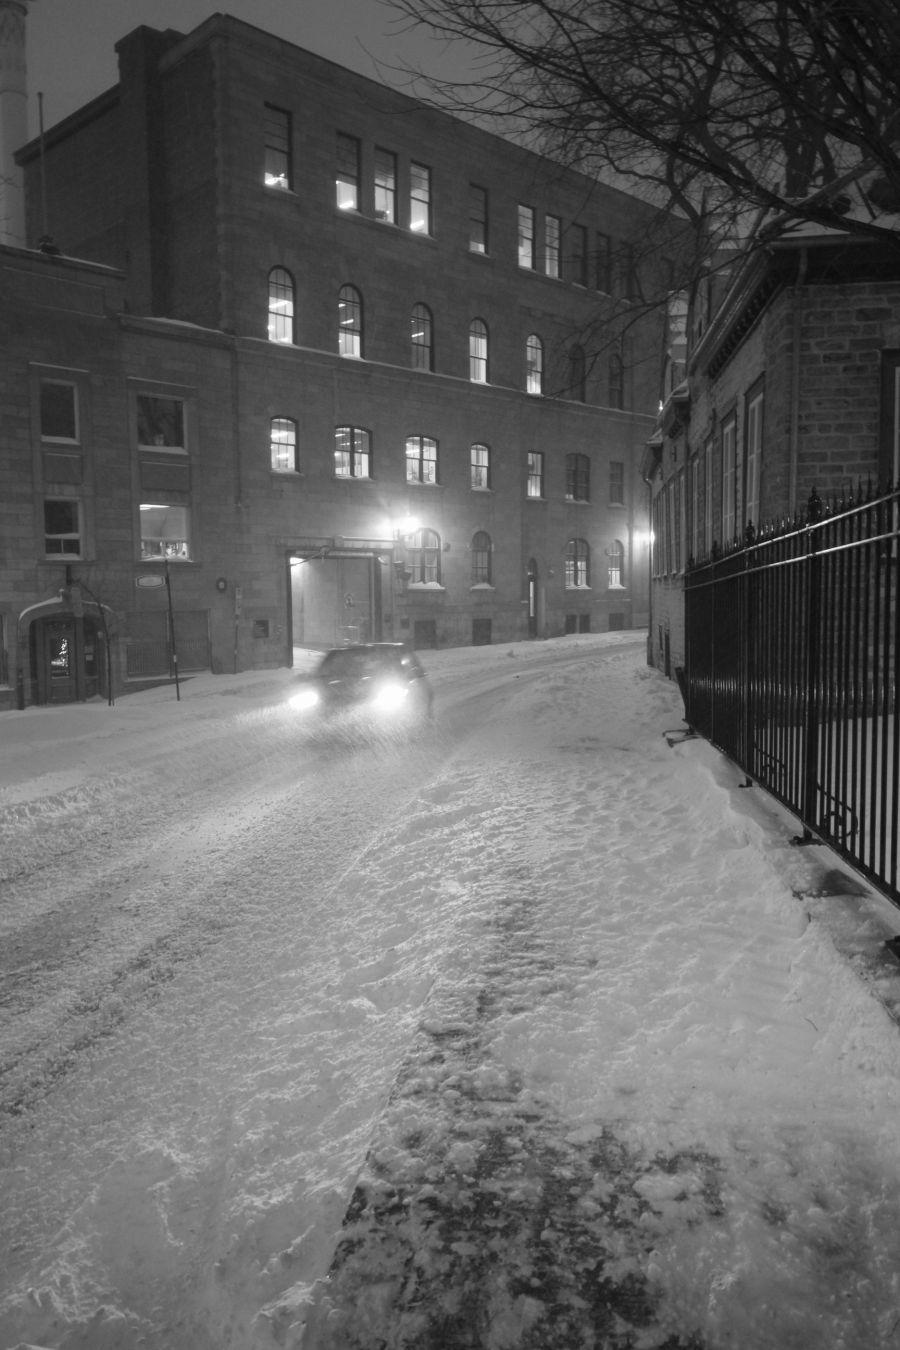 quebec quebec city snow storm december 29 2015 3